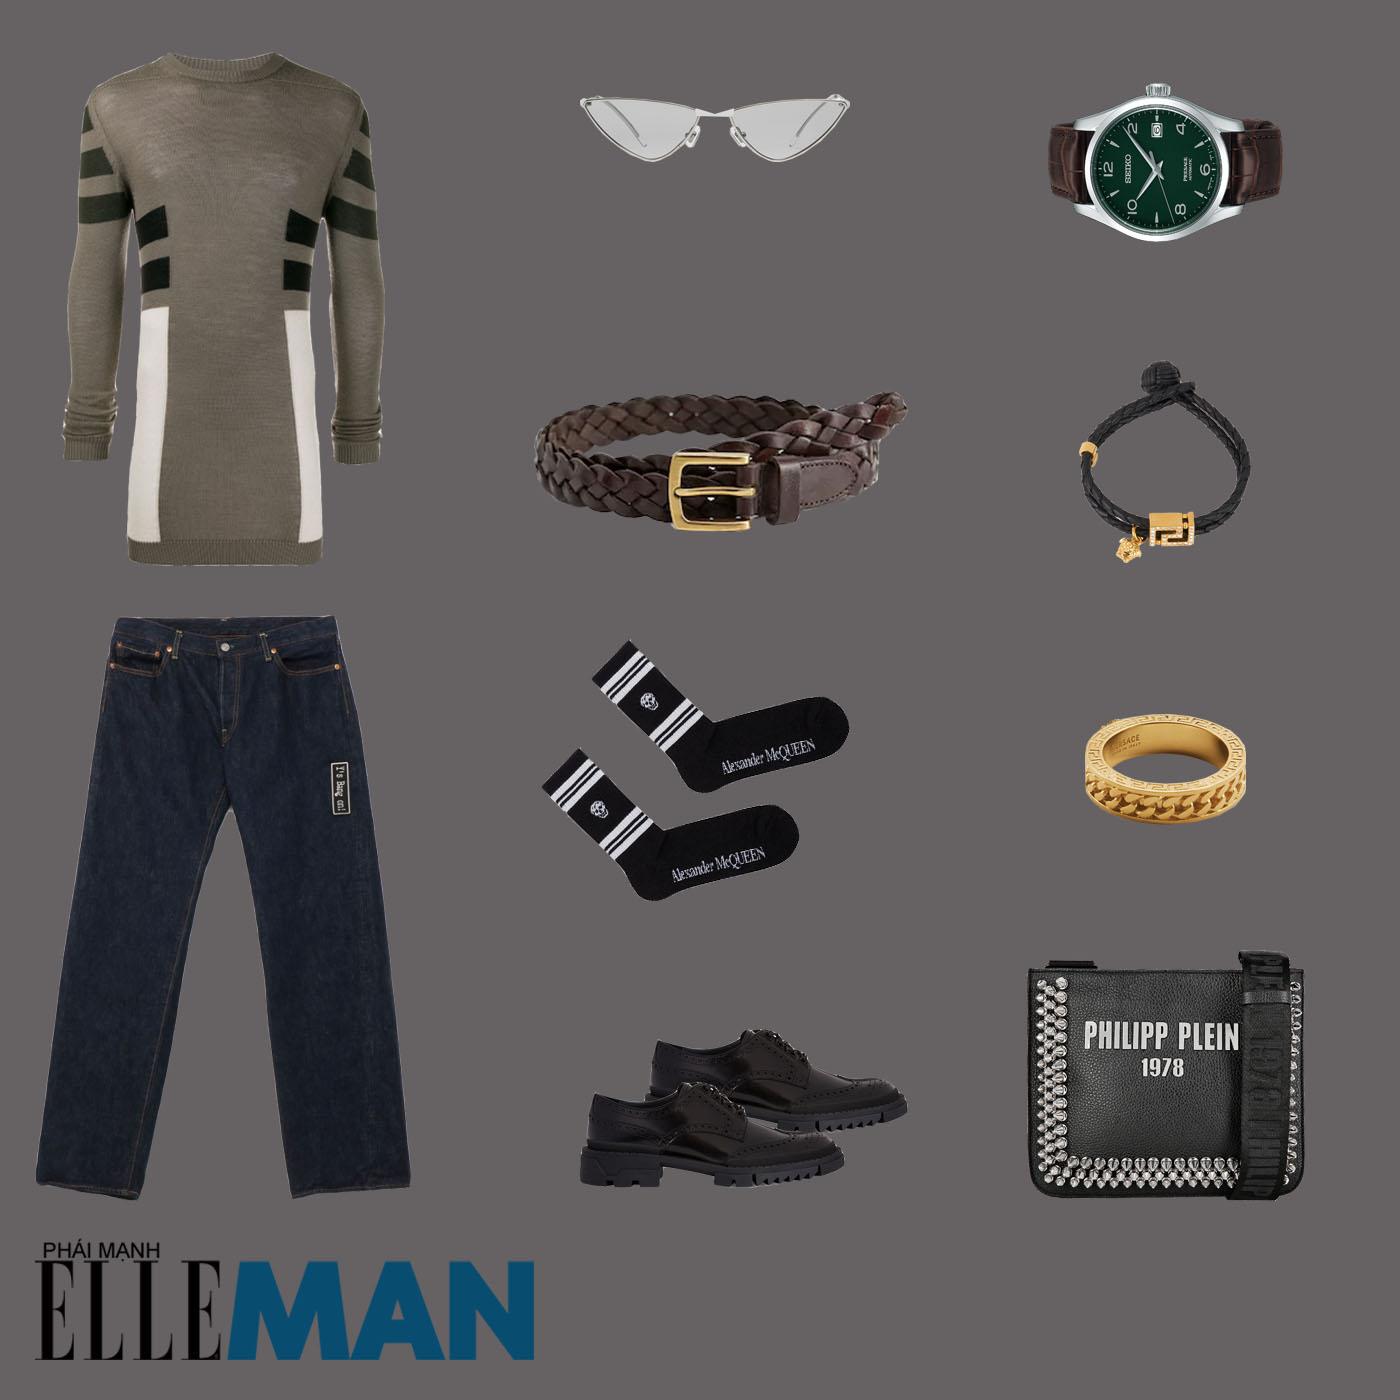 outfit 1 - phối đồ phong cách boho-chic